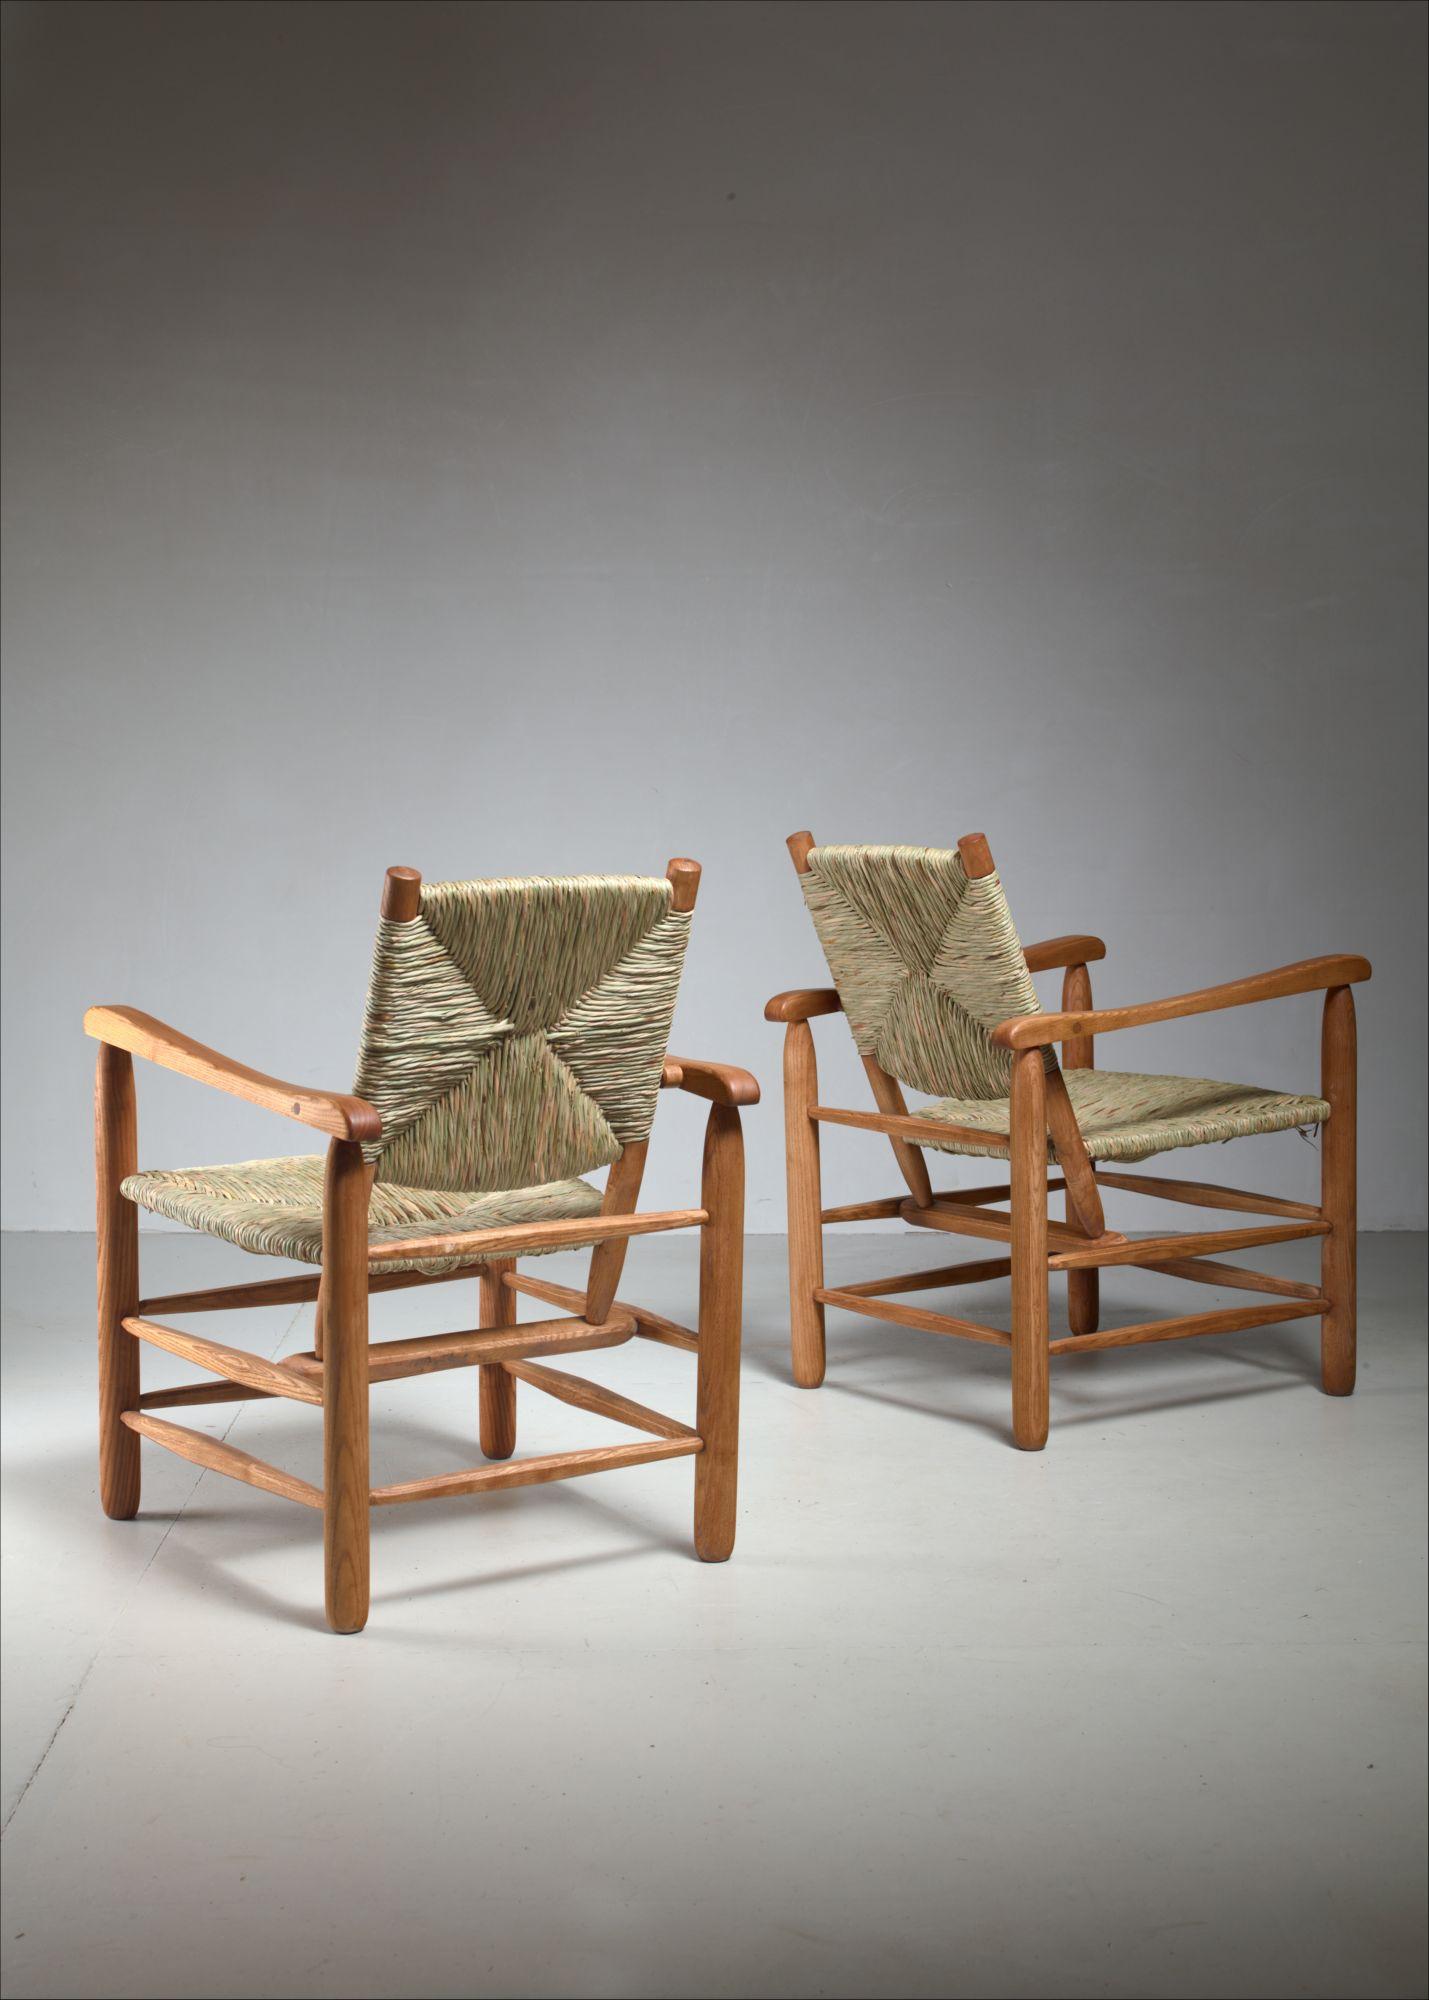 Prime Pair Charlotte Perriand 039Model No 21039 Lounge Chairs Inzonedesignstudio Interior Chair Design Inzonedesignstudiocom